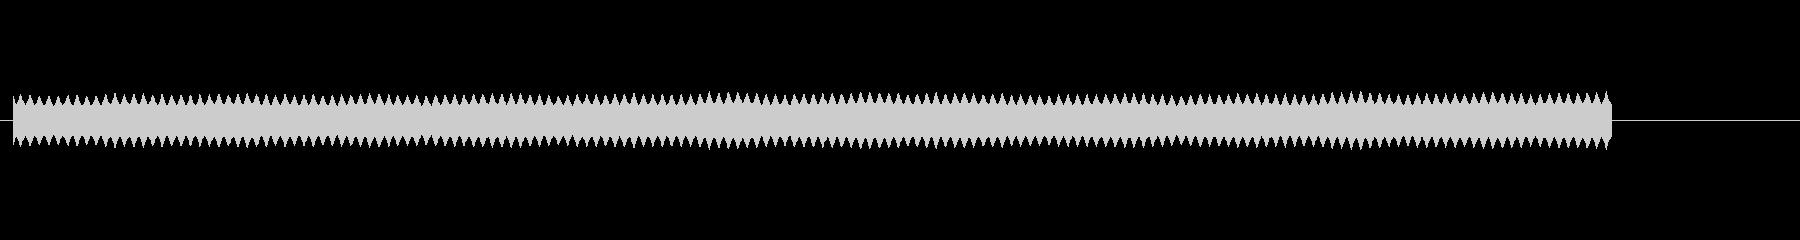 電子、アラーム振動電子音、高の未再生の波形